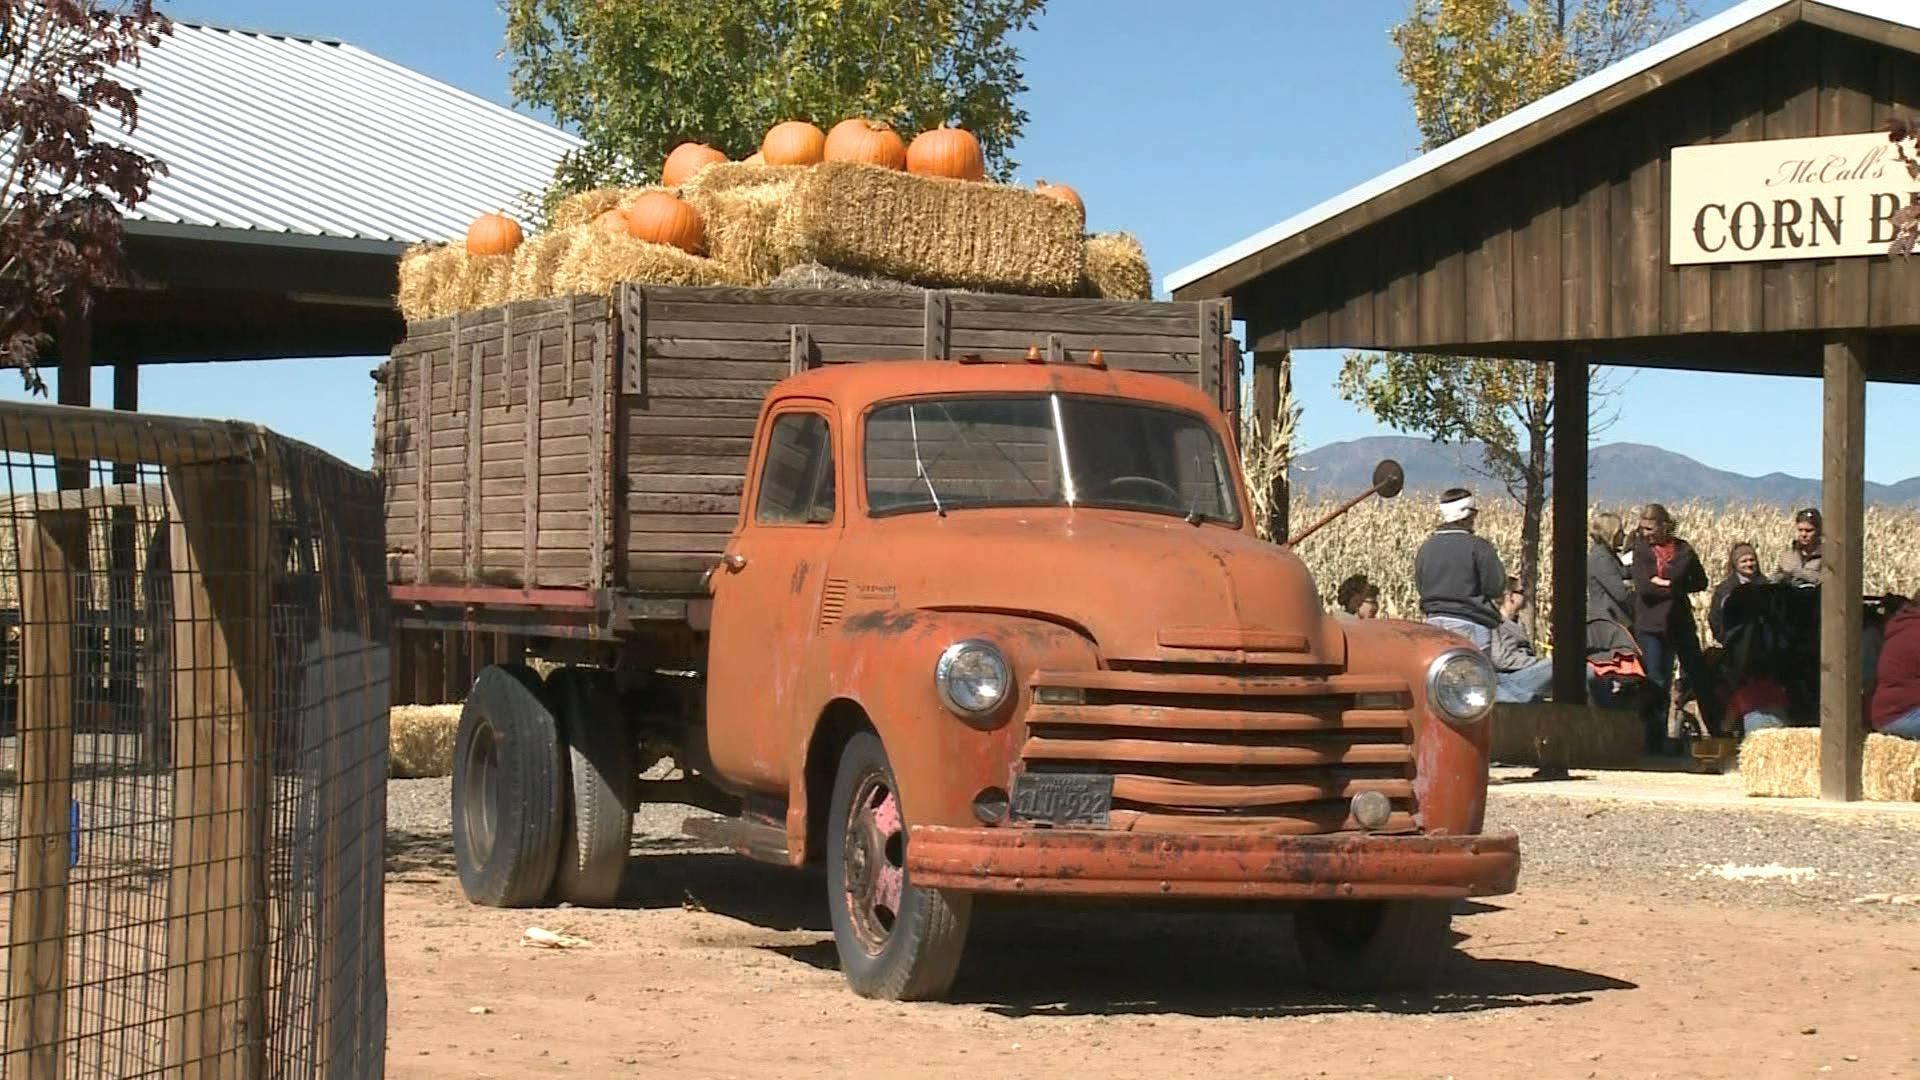 mccalls pumpkin patch_461753